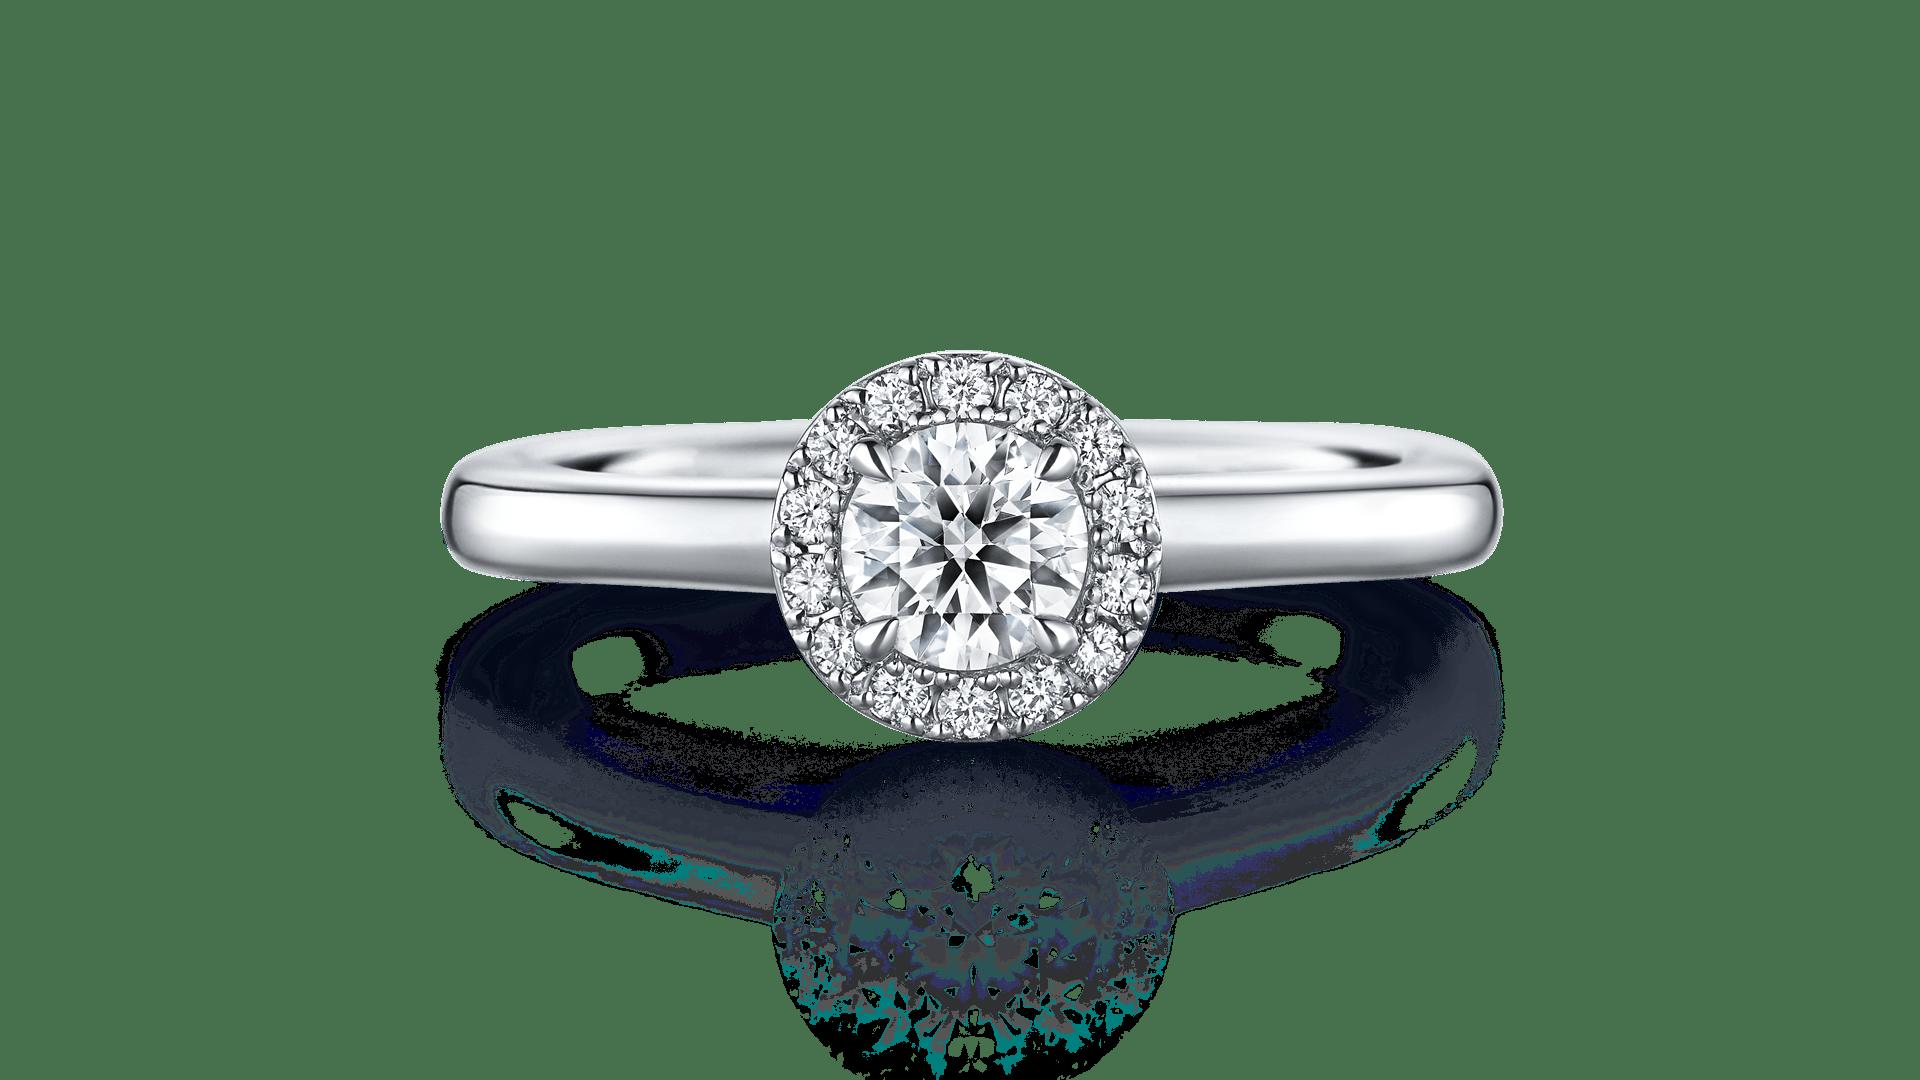 fomalhaut フォーマルハウト | 婚約指輪サムネイル 1